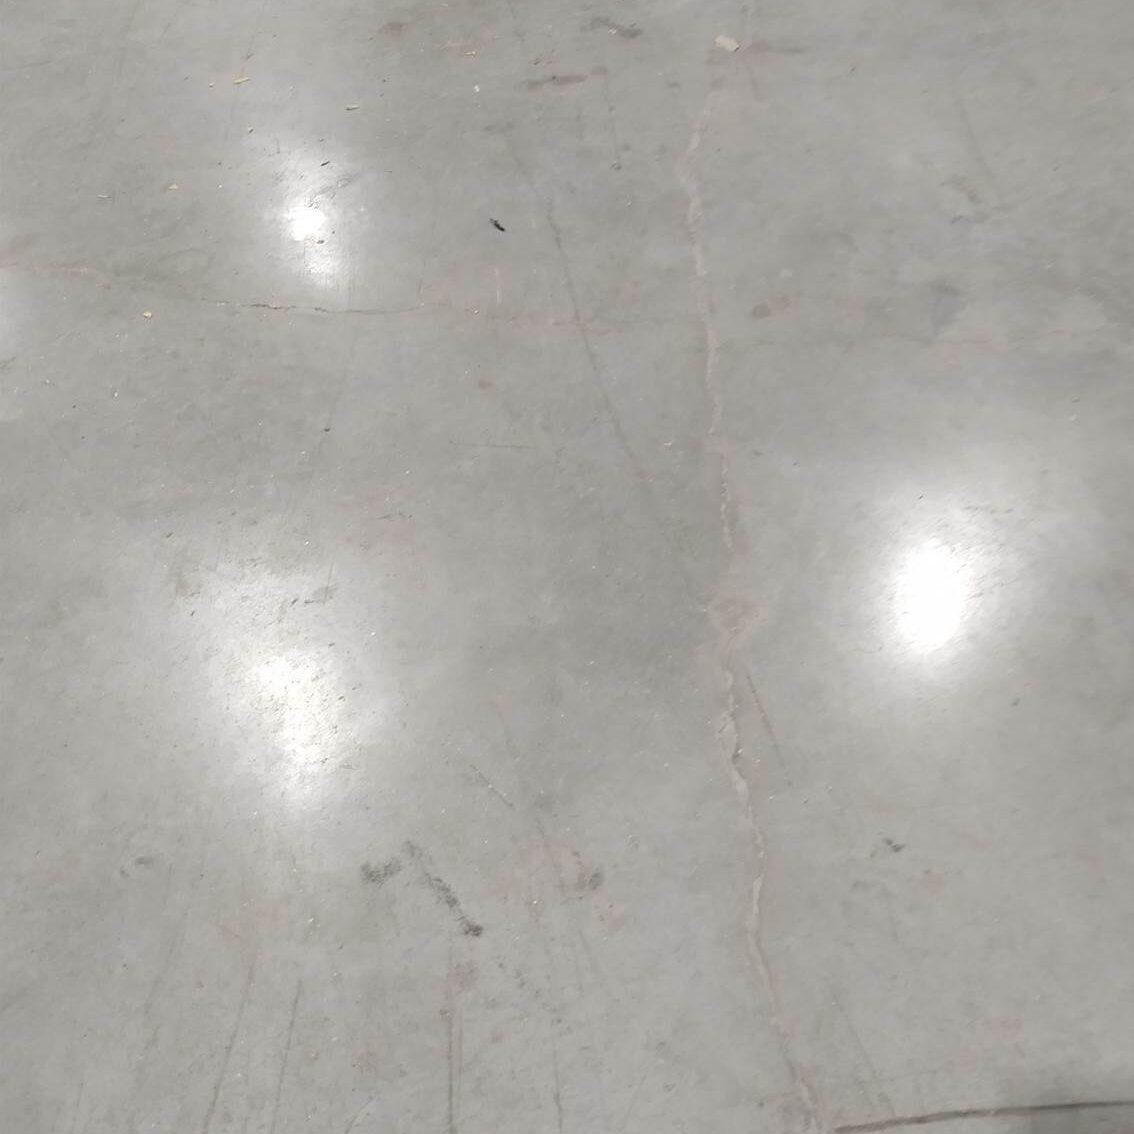 komsol innerseal plus kombination betonboden garage industrie risse 14 jahre geschlossen versiegelt keine schaeden